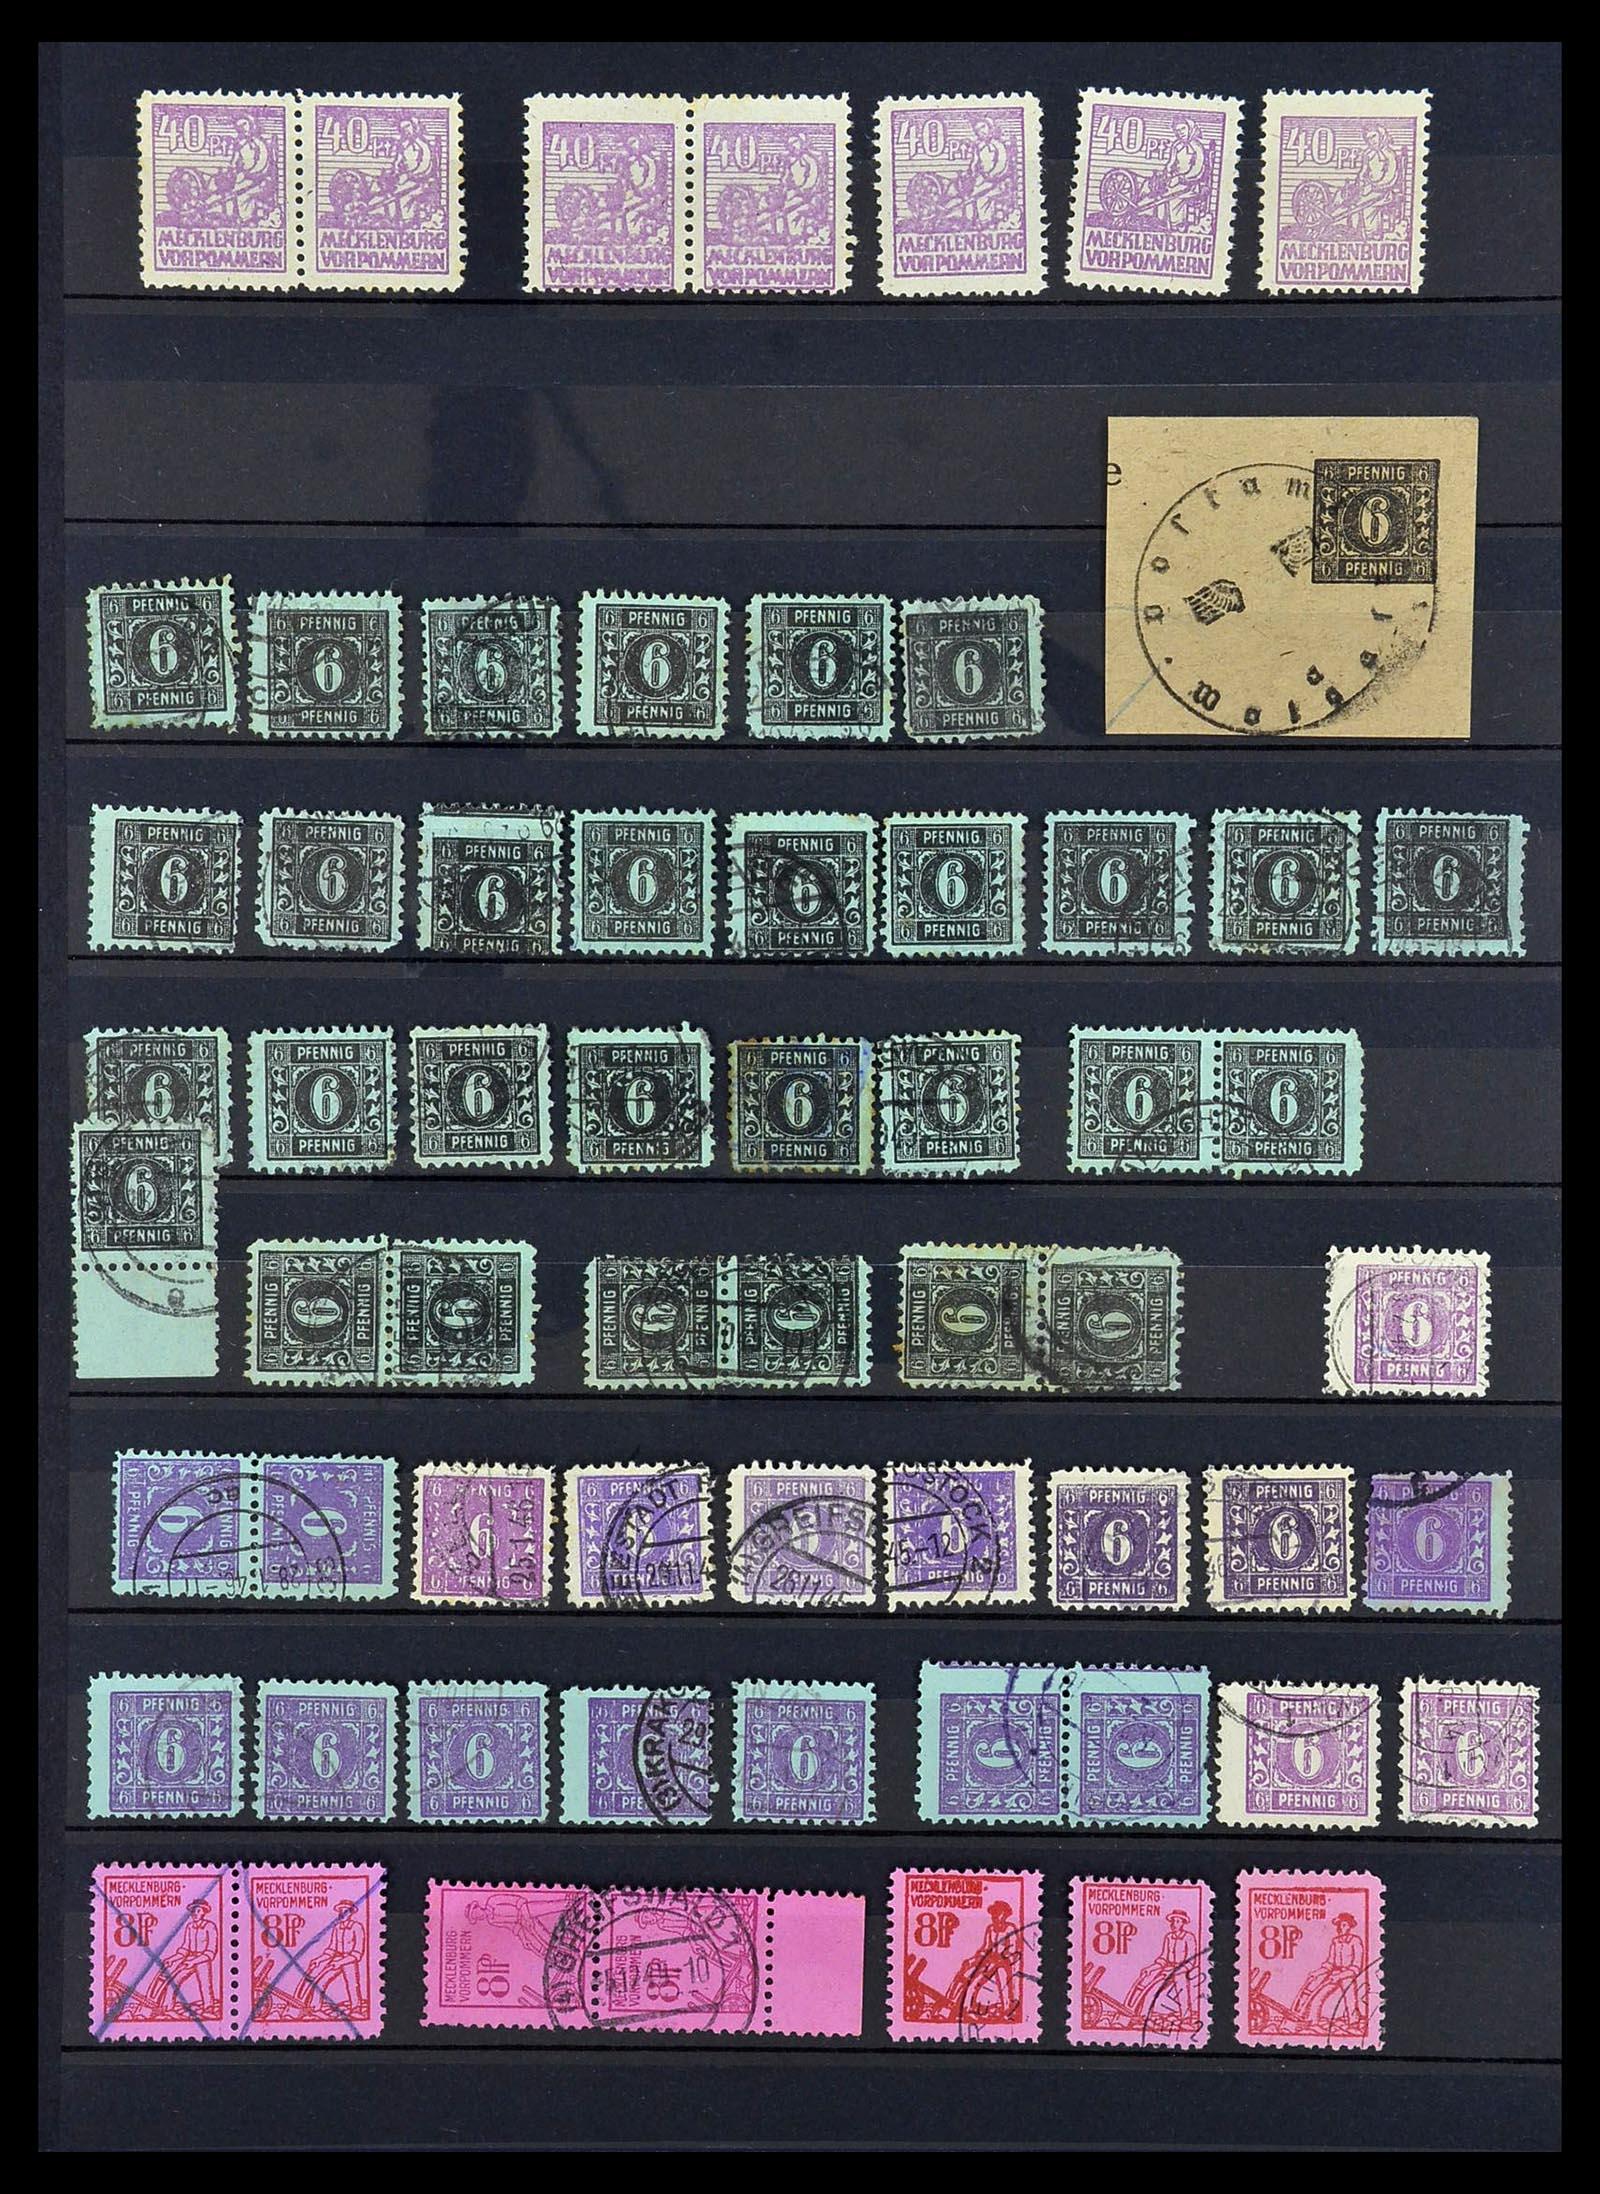 34039 014 - Postzegelverzameling 34039 Mecklenburg-Vorpommern 1945-1946.